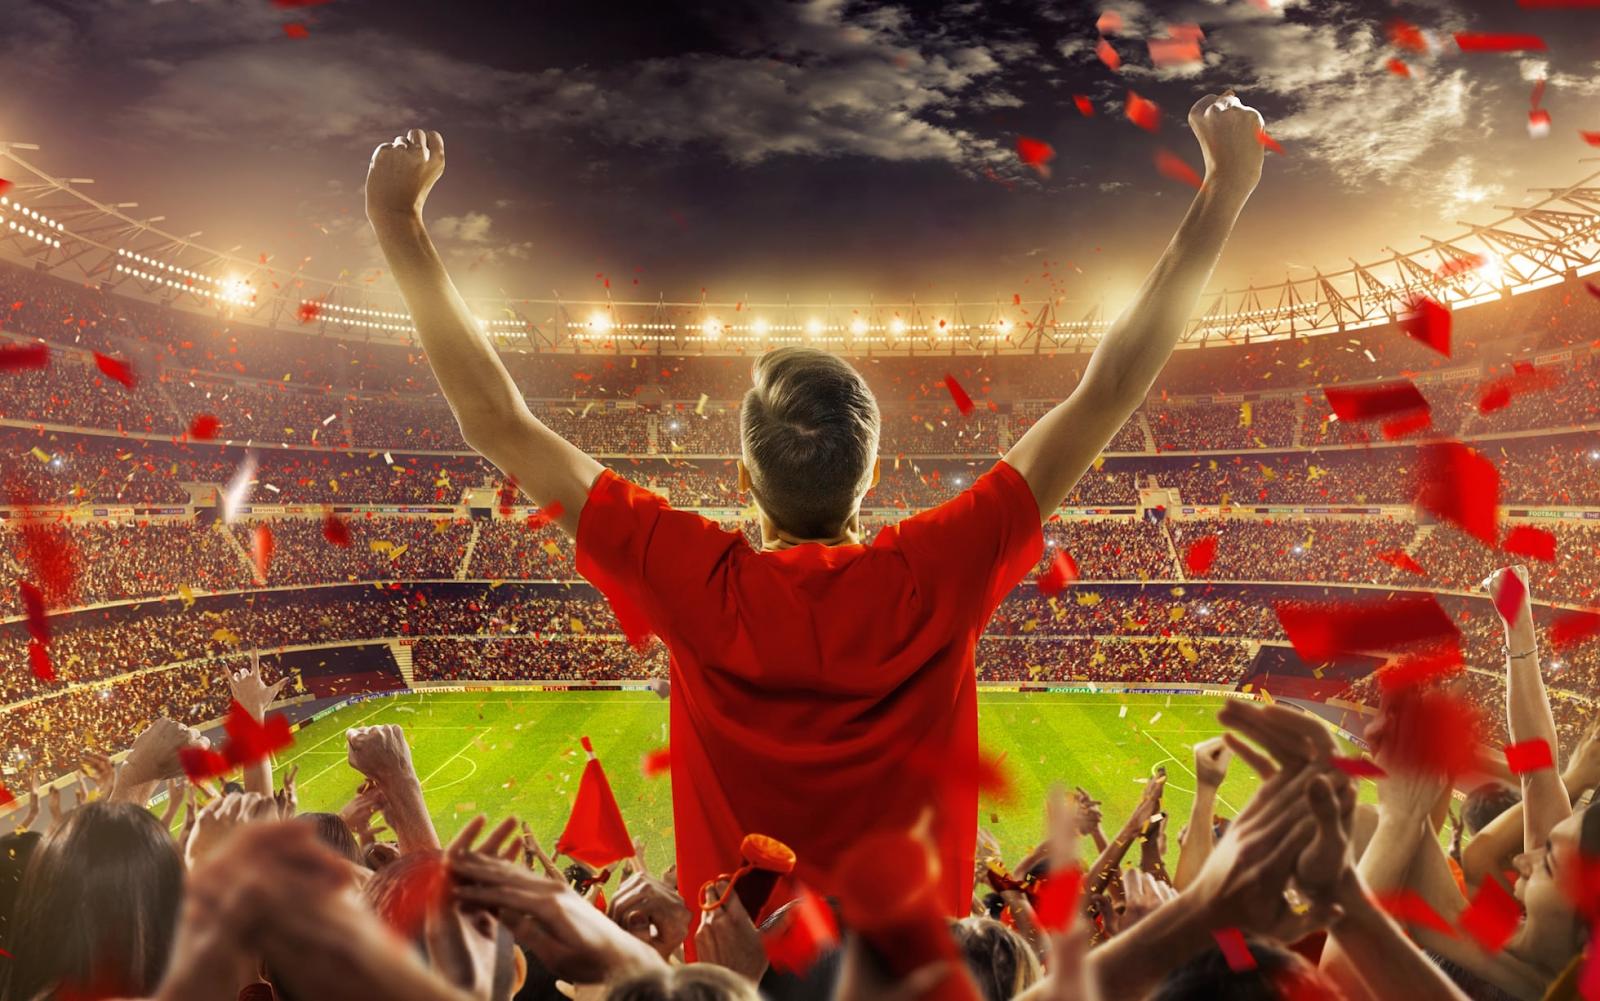 Thể lực là yếu tố quan trọng cần có trong đội hình bóng đá